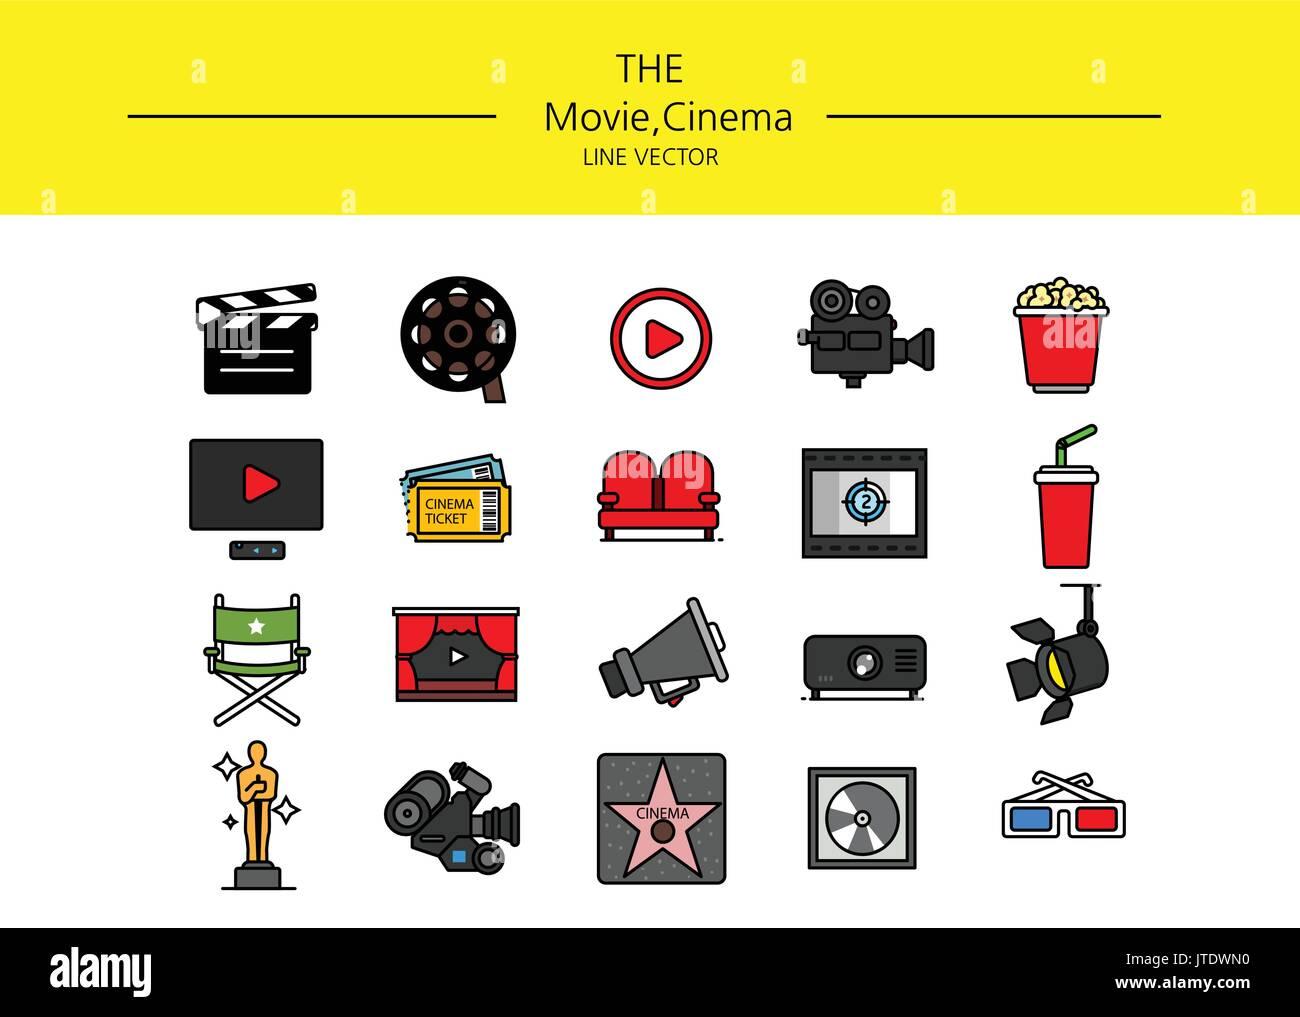 line icon set - Stock Image